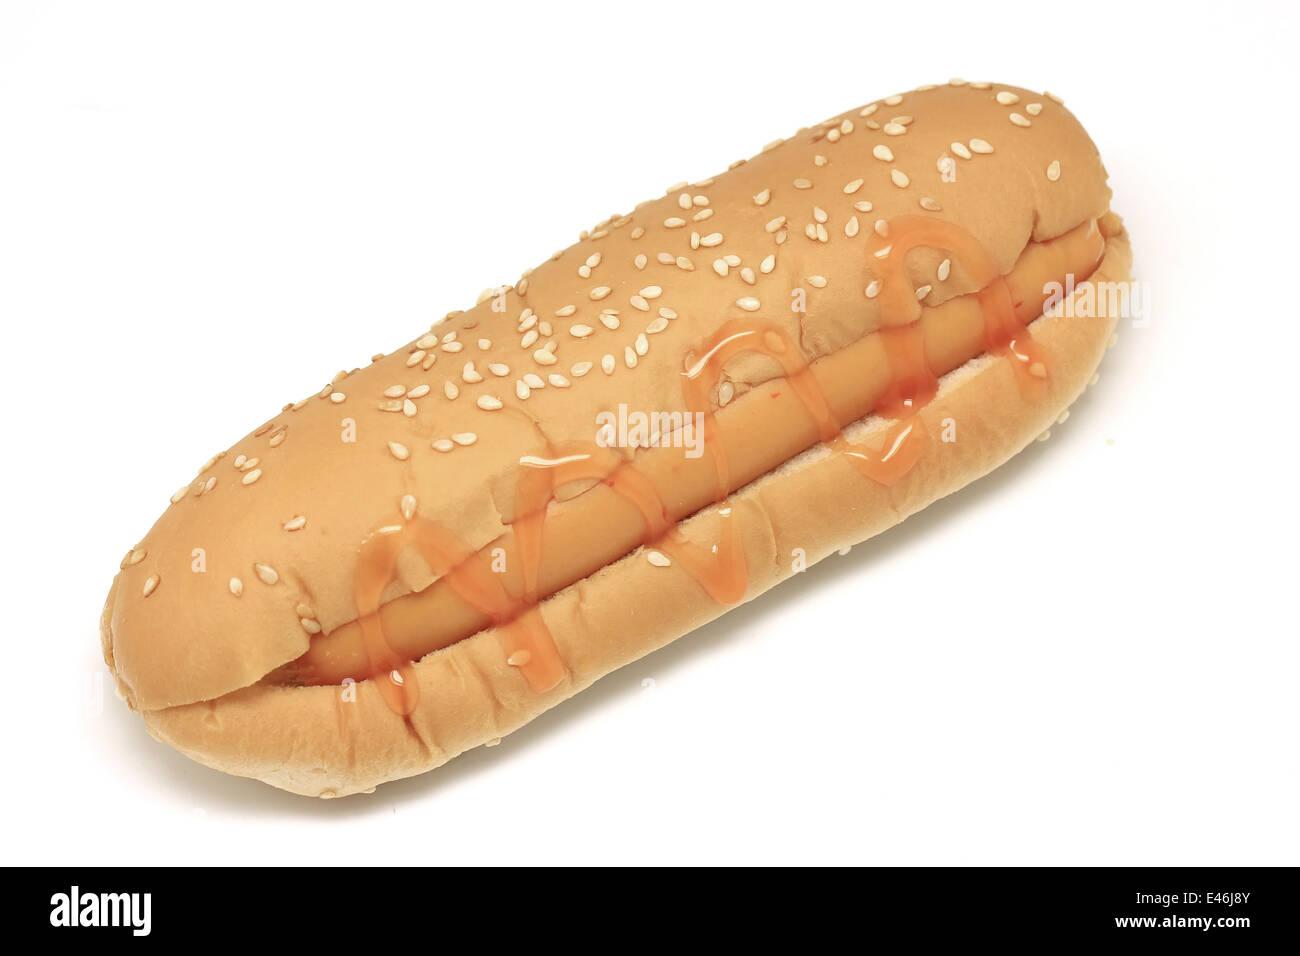 hotdog with tomato sauce isolated on white background - Stock Image